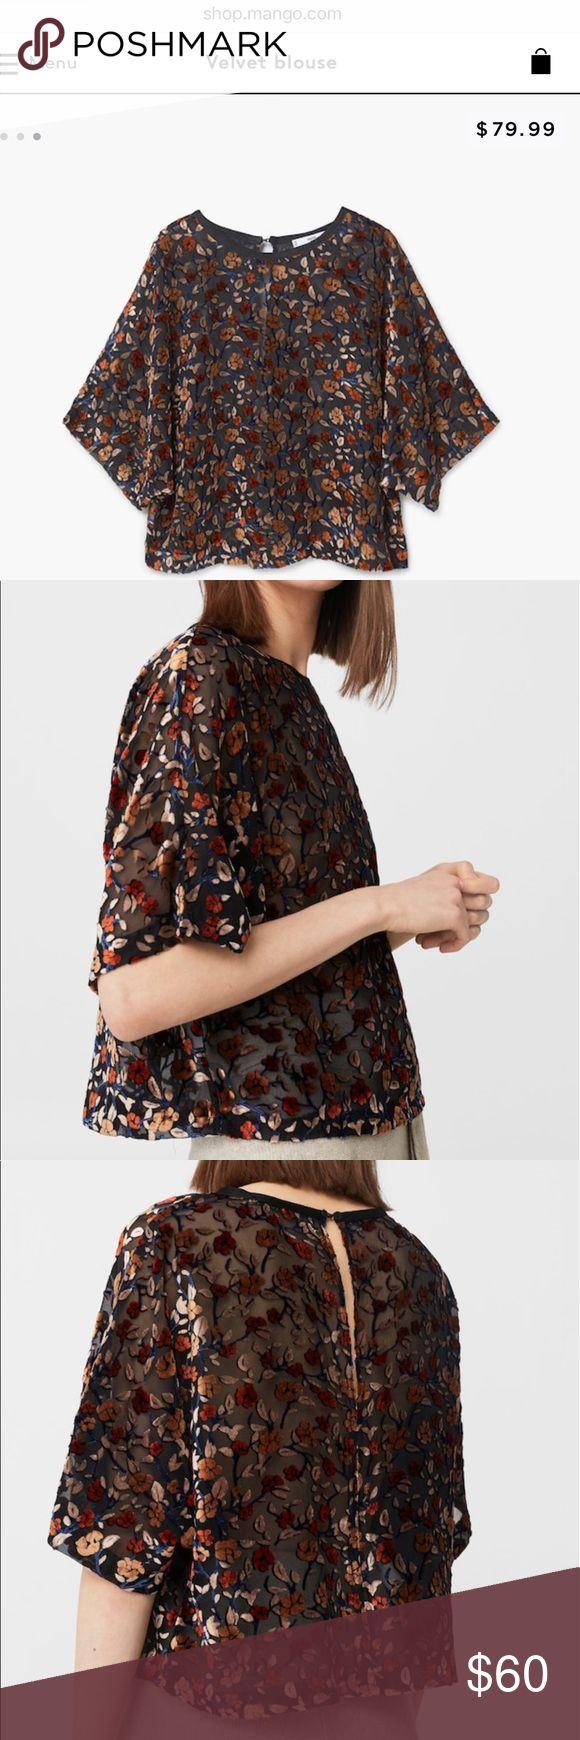 Mango velvet blouse Semi sheer velvet blouse from Mango. Never worn. NWOT. Purchased in Spain. Still online! Mango Tops Blouses